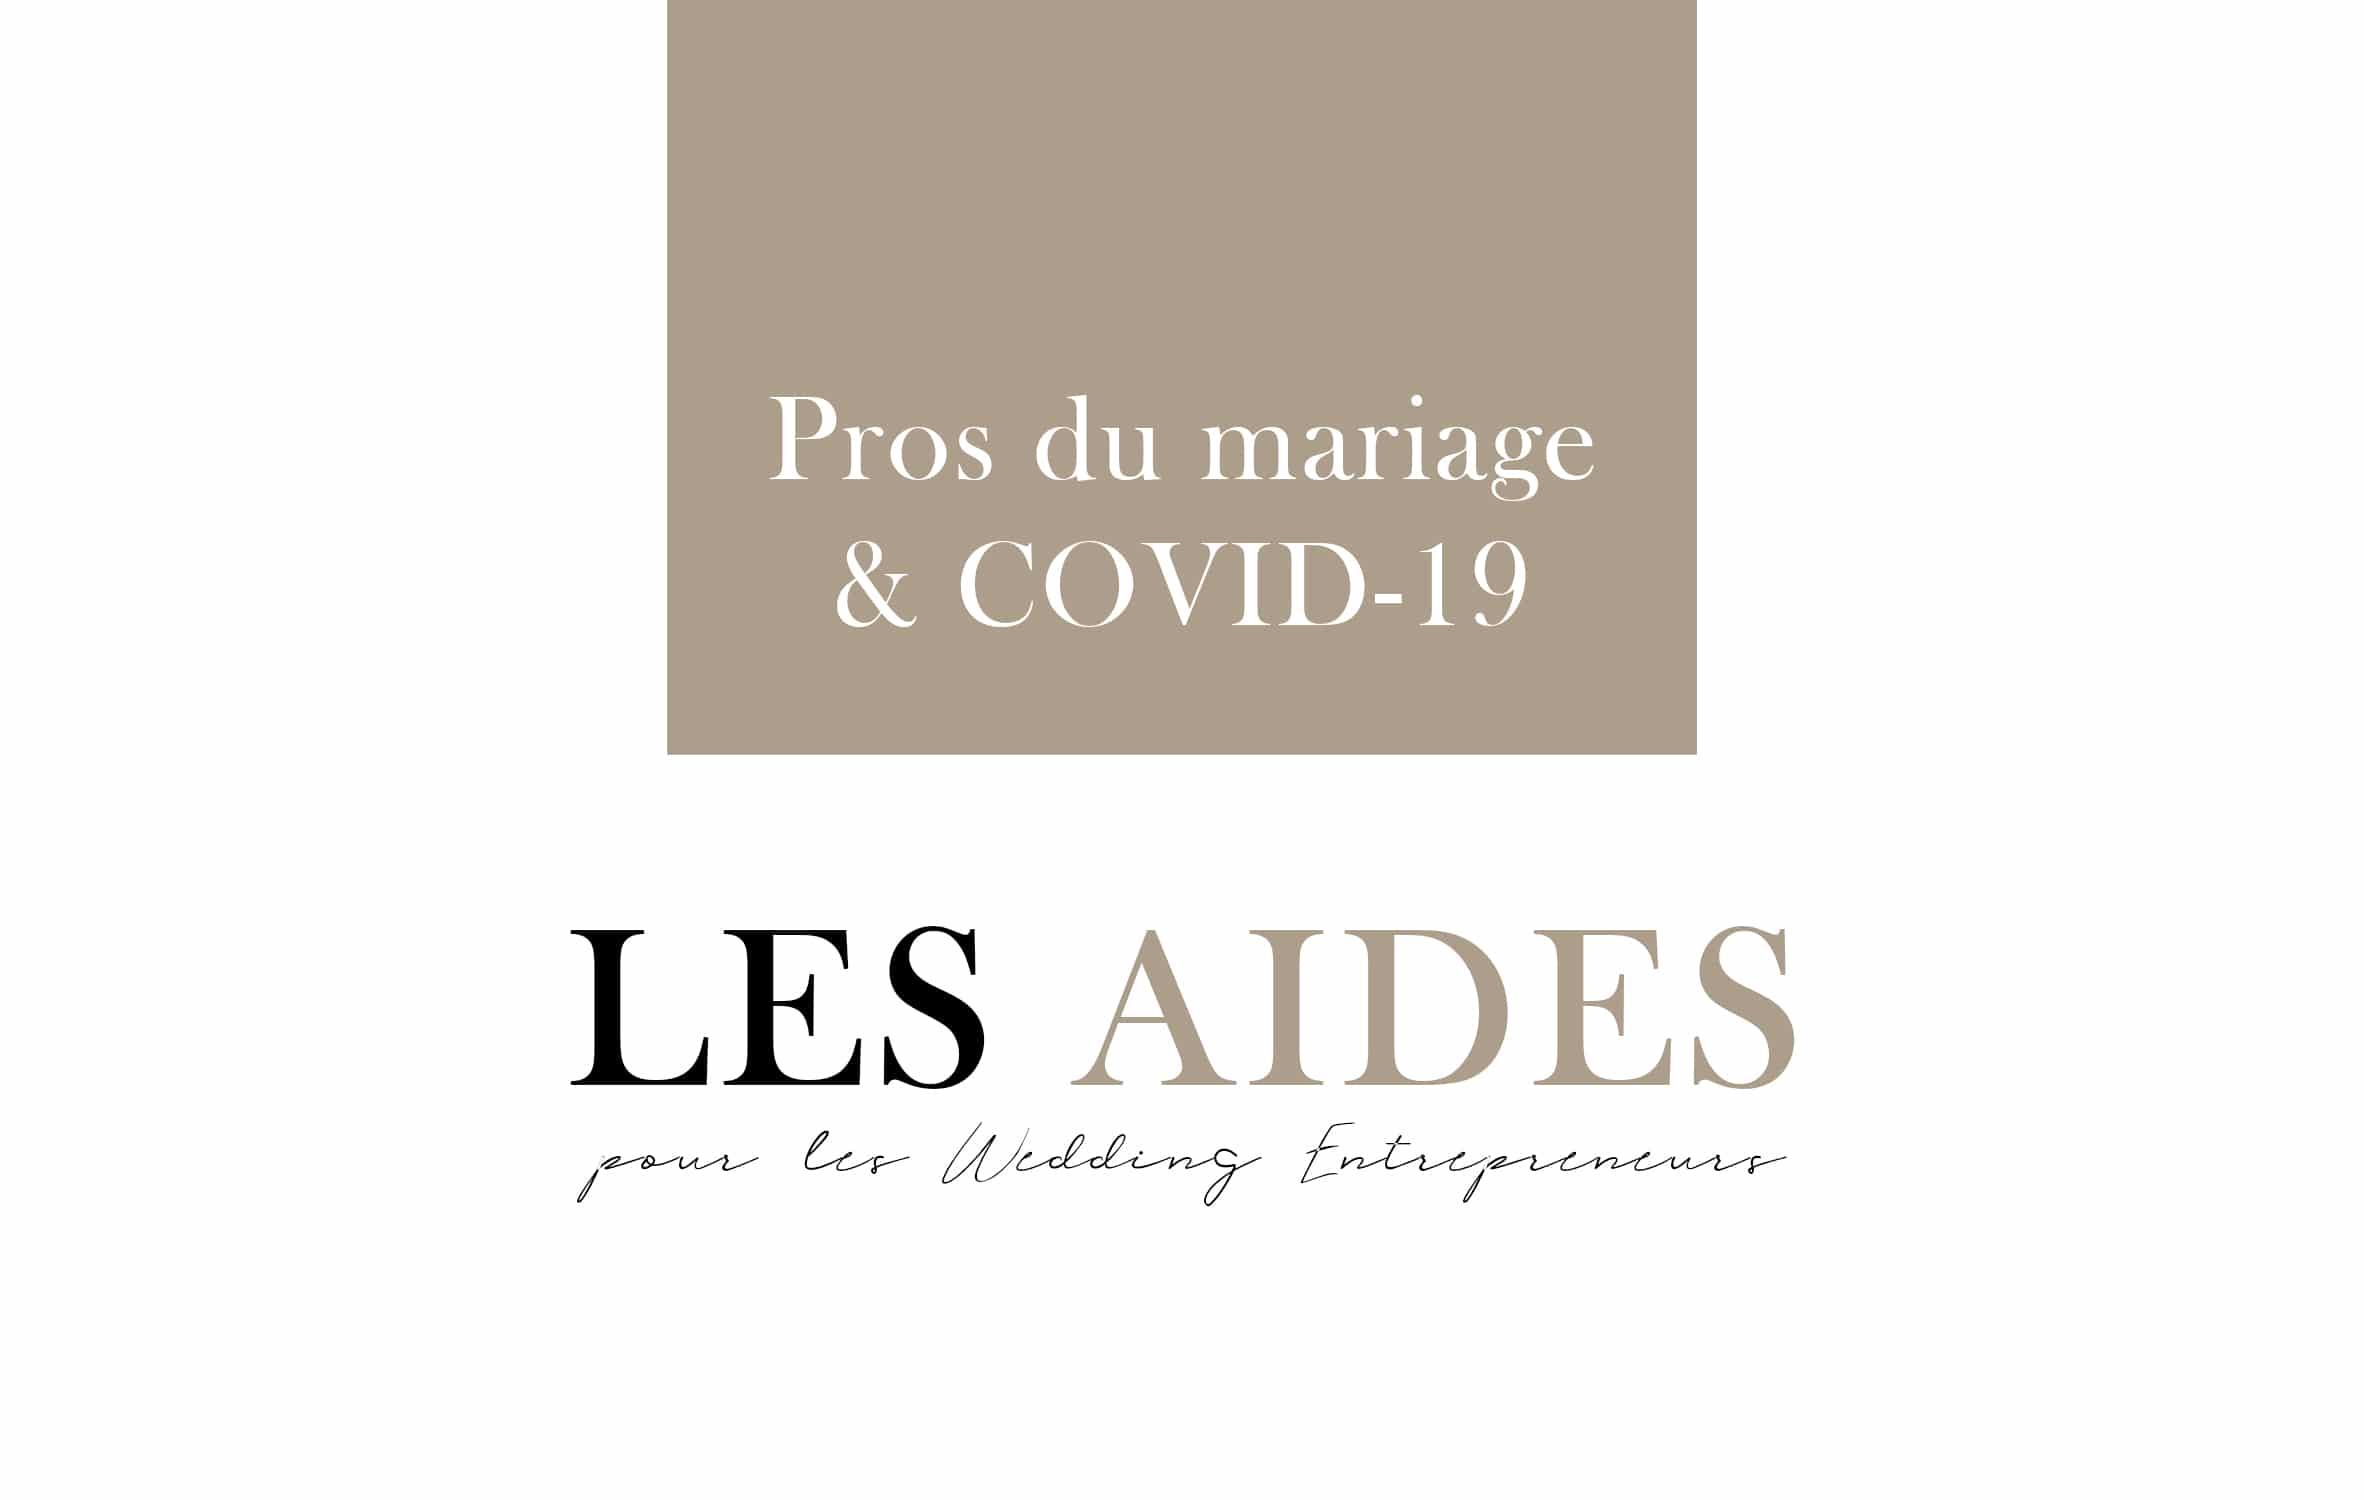 covid-19 et profesionnels du mariage : les aides financières pour les wedding entrepreneurs